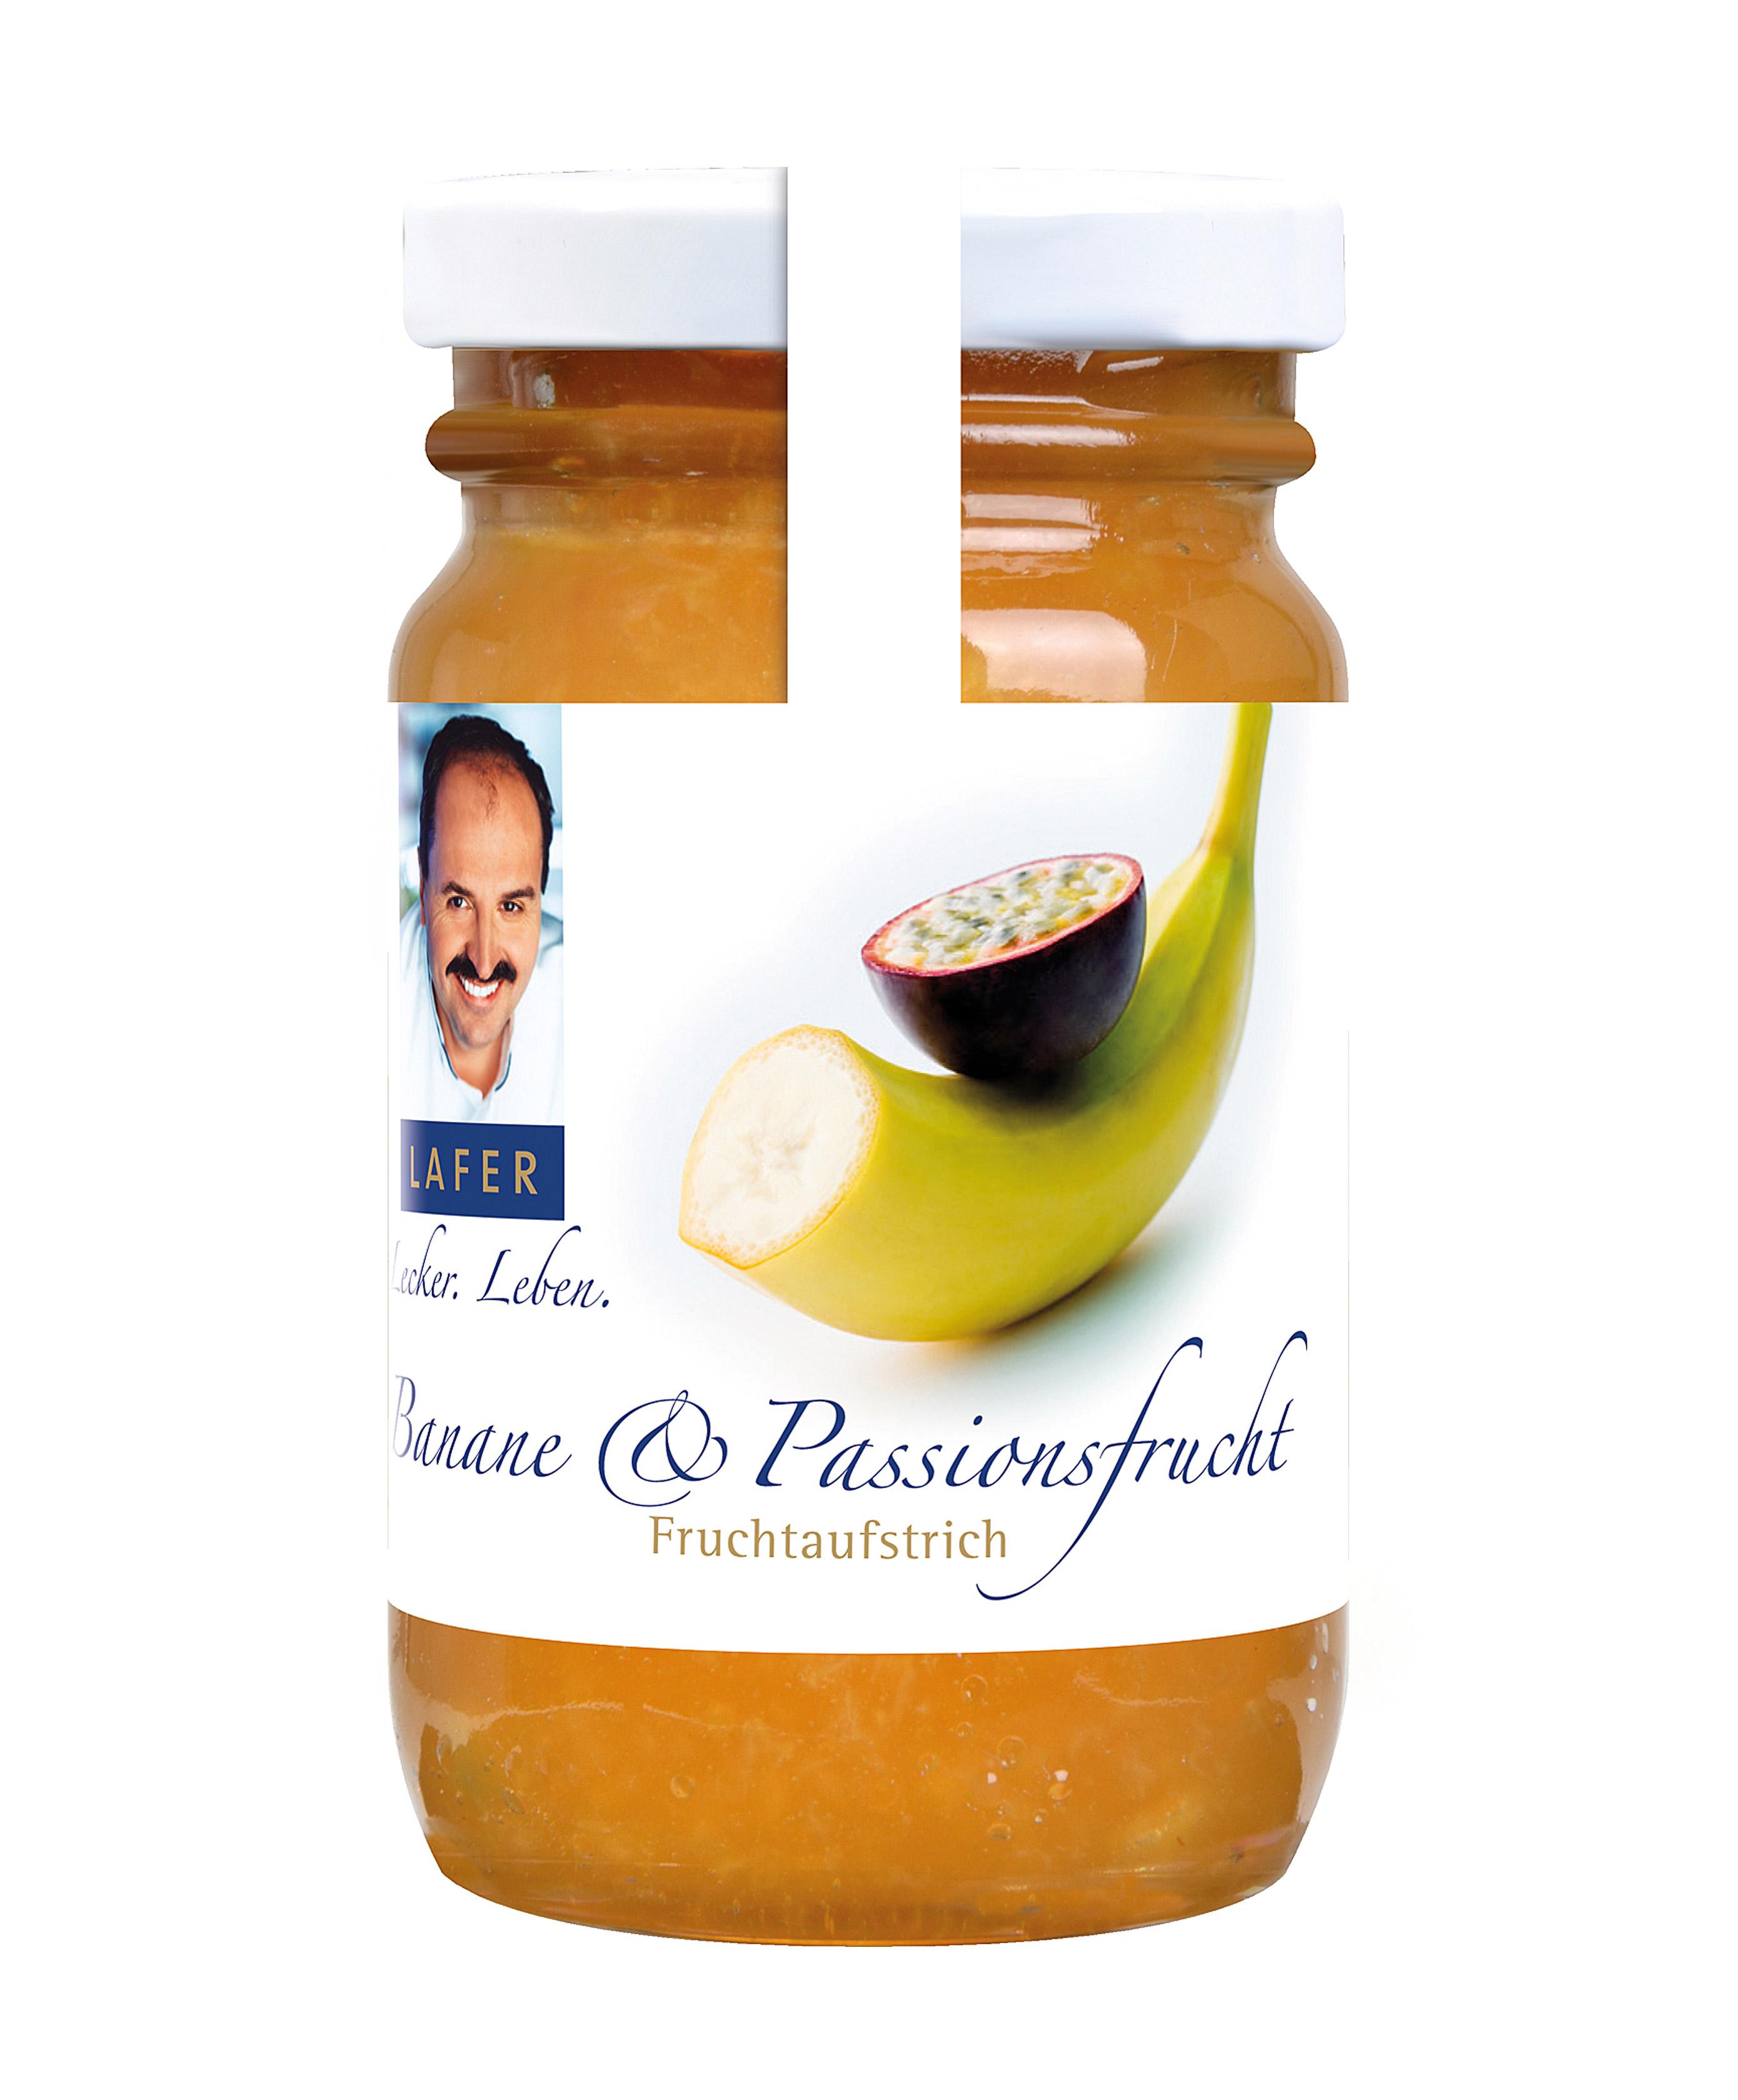 johann-lafer-banane-und-passionsfrucht-fruchtaufstrich-150-g